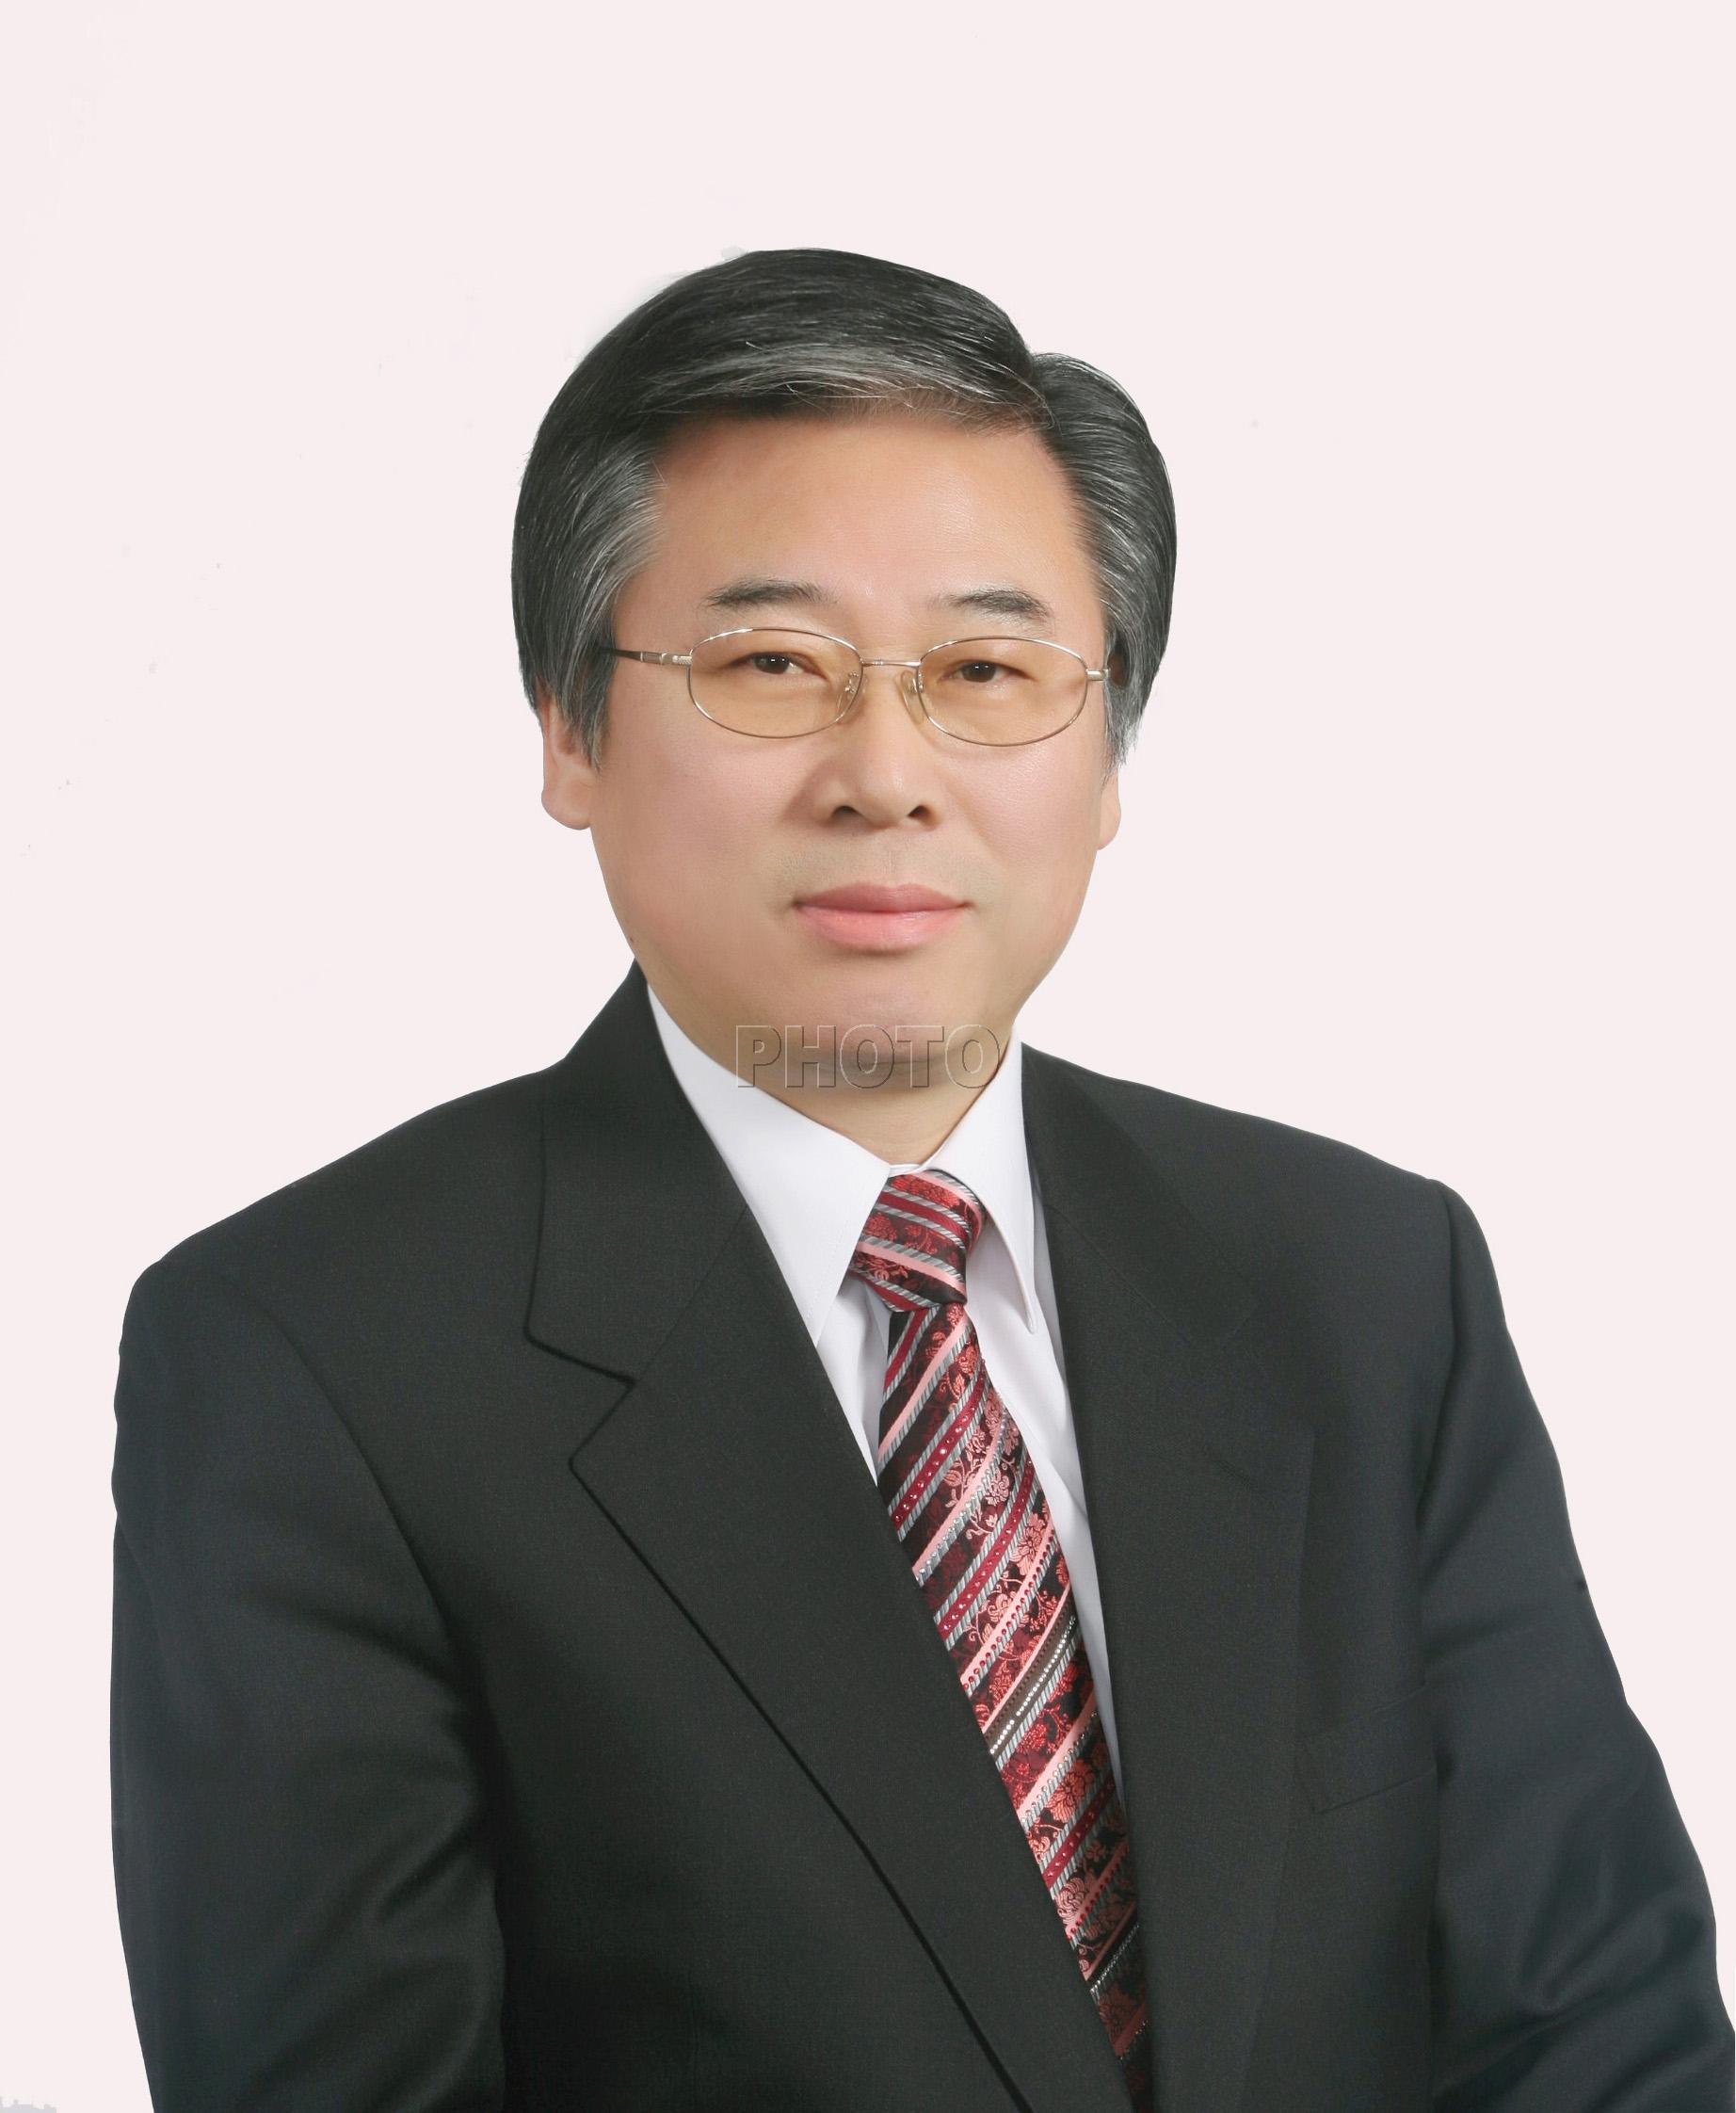 관악뉴스 이정희 발행인 창간 1주년 기념사